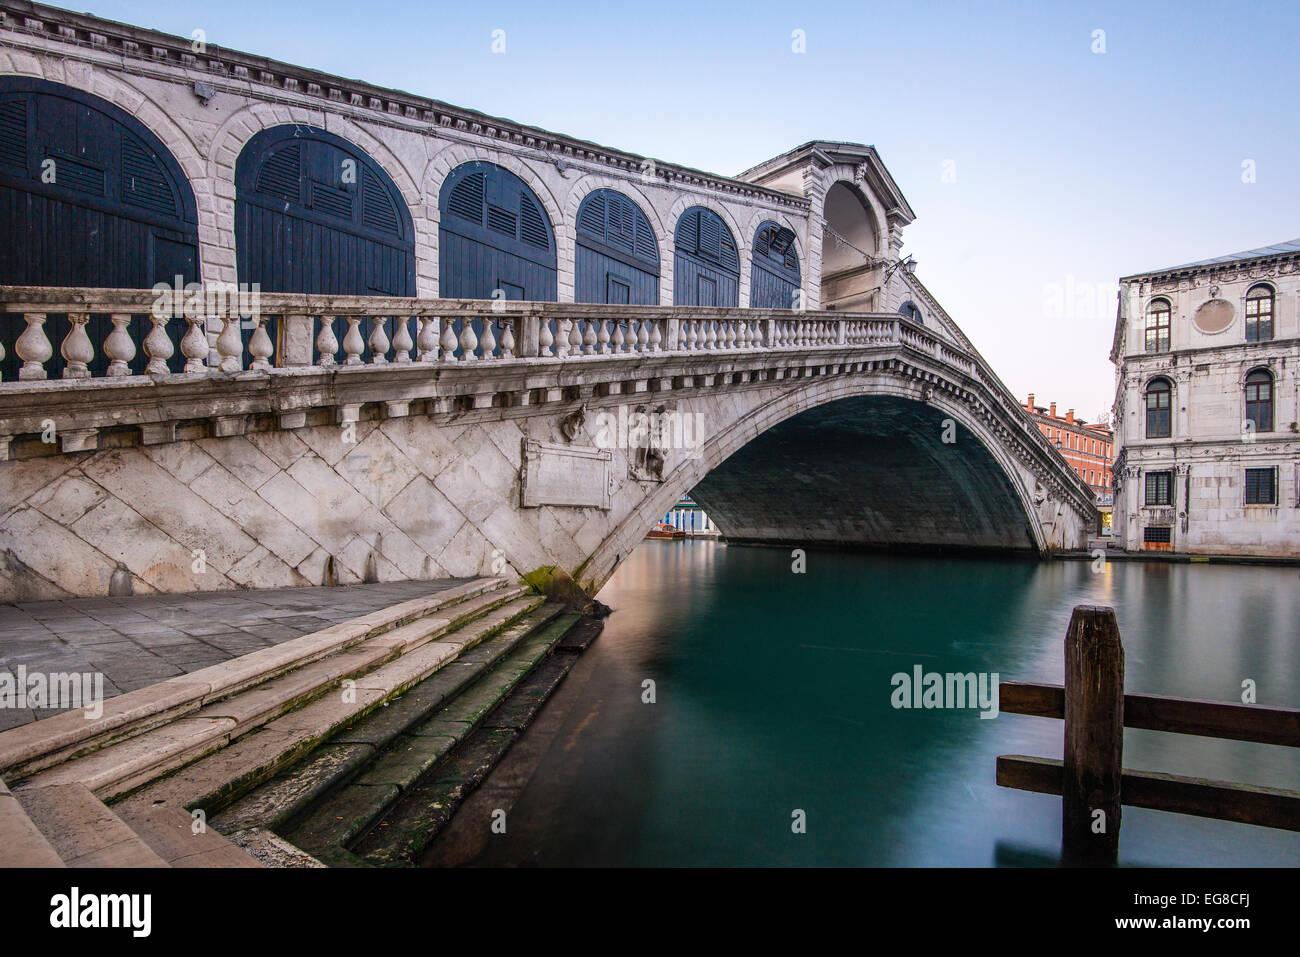 Puente de Rialto al amanecer, Venecia, Véneto, Italia Imagen De Stock